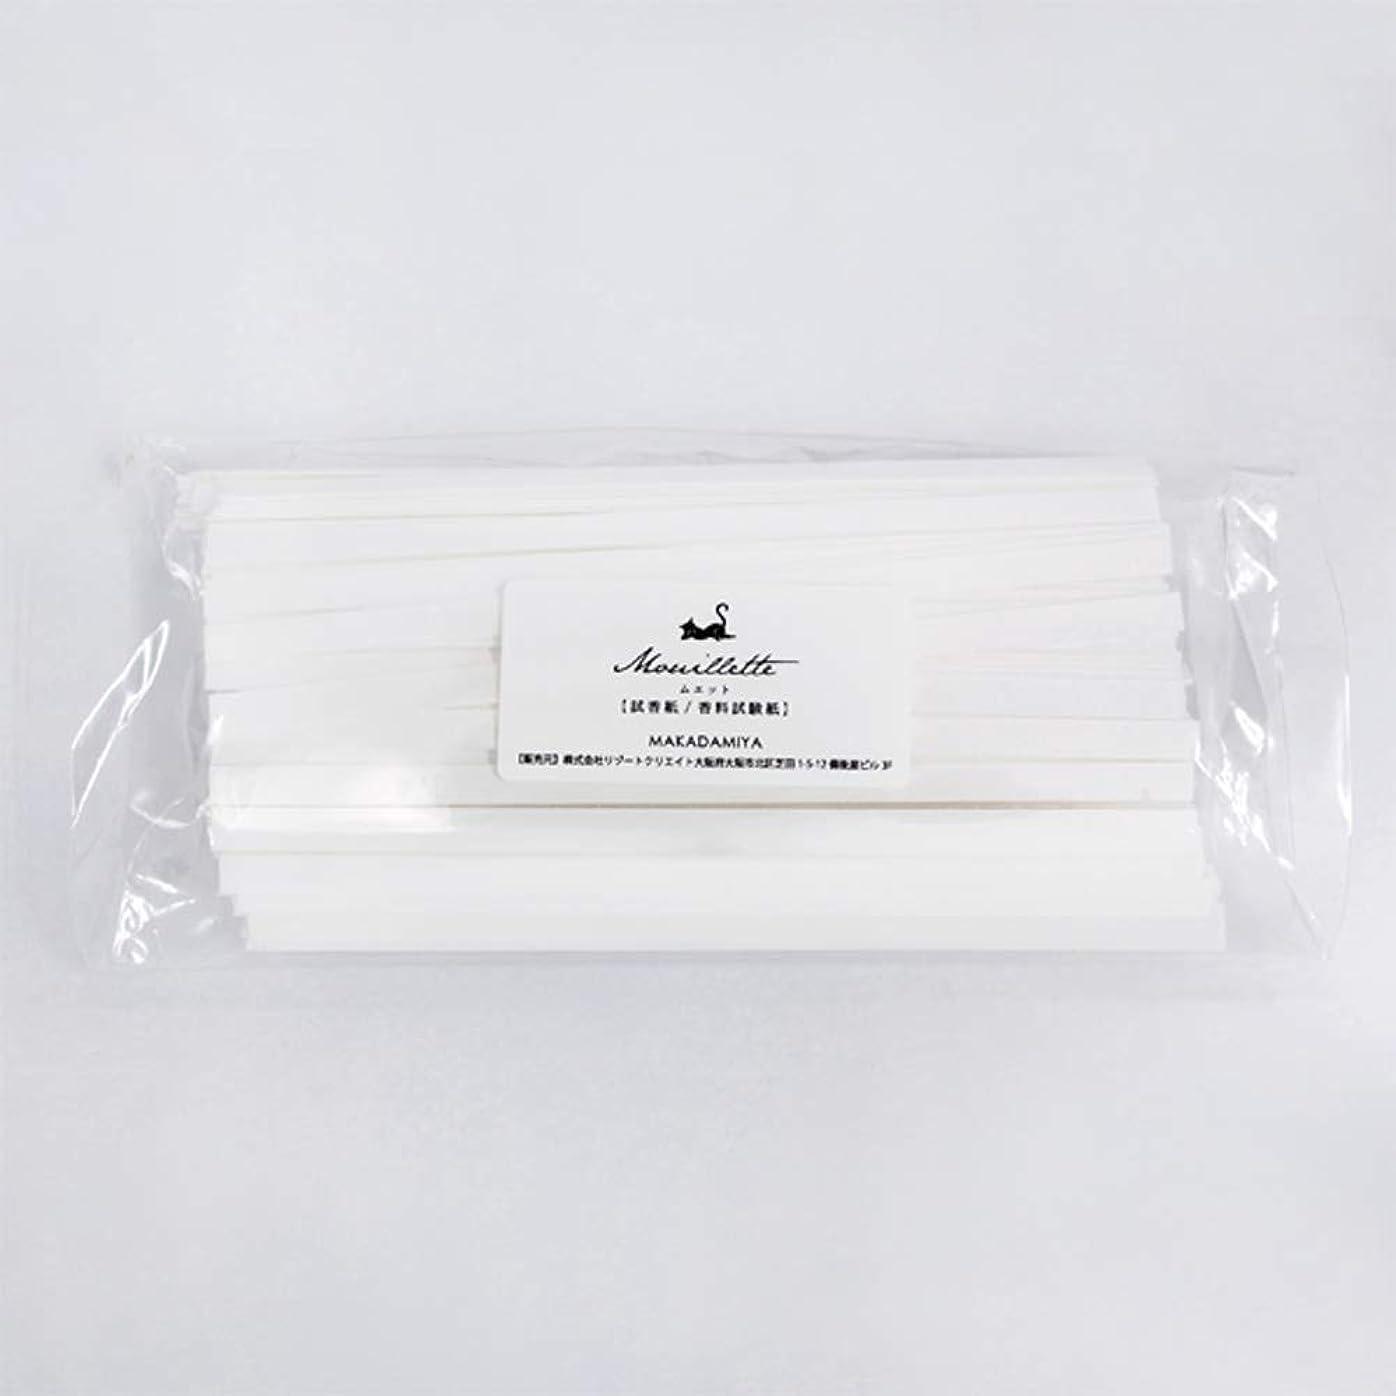 たぶんキリマンジャロ異邦人ムエット500本入り 大容量 プロ用(アロマ検定試験対応 試香紙 香料試験紙)